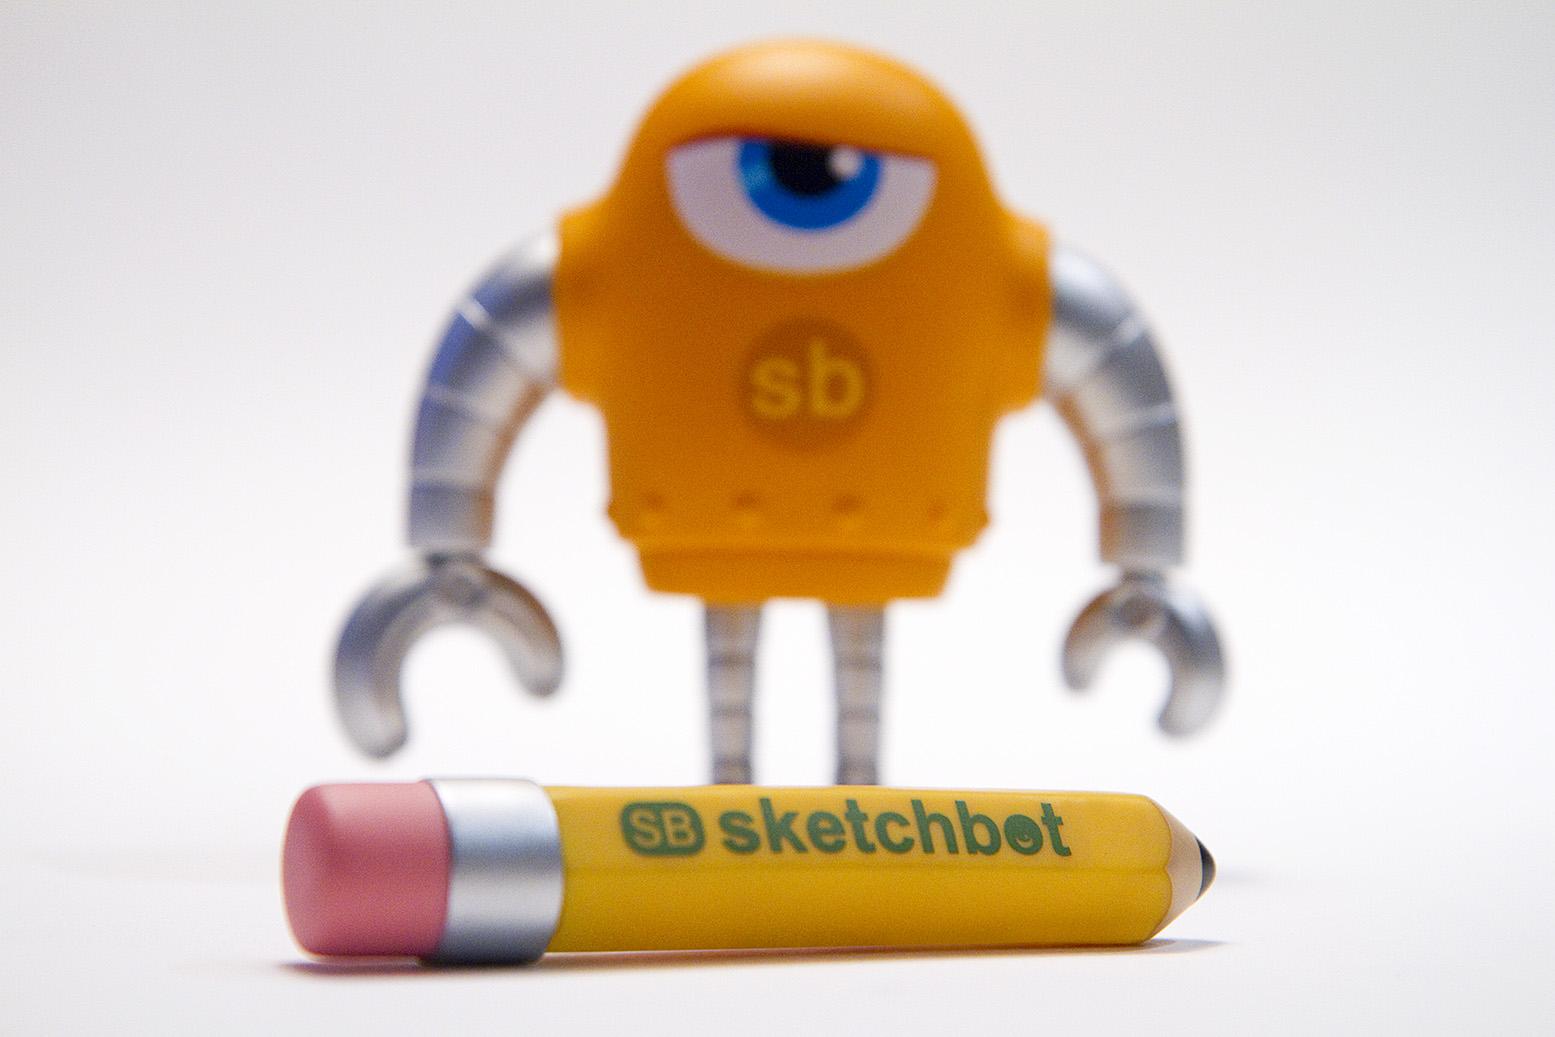 Sketchbot_V1_pencil_featured.jpg